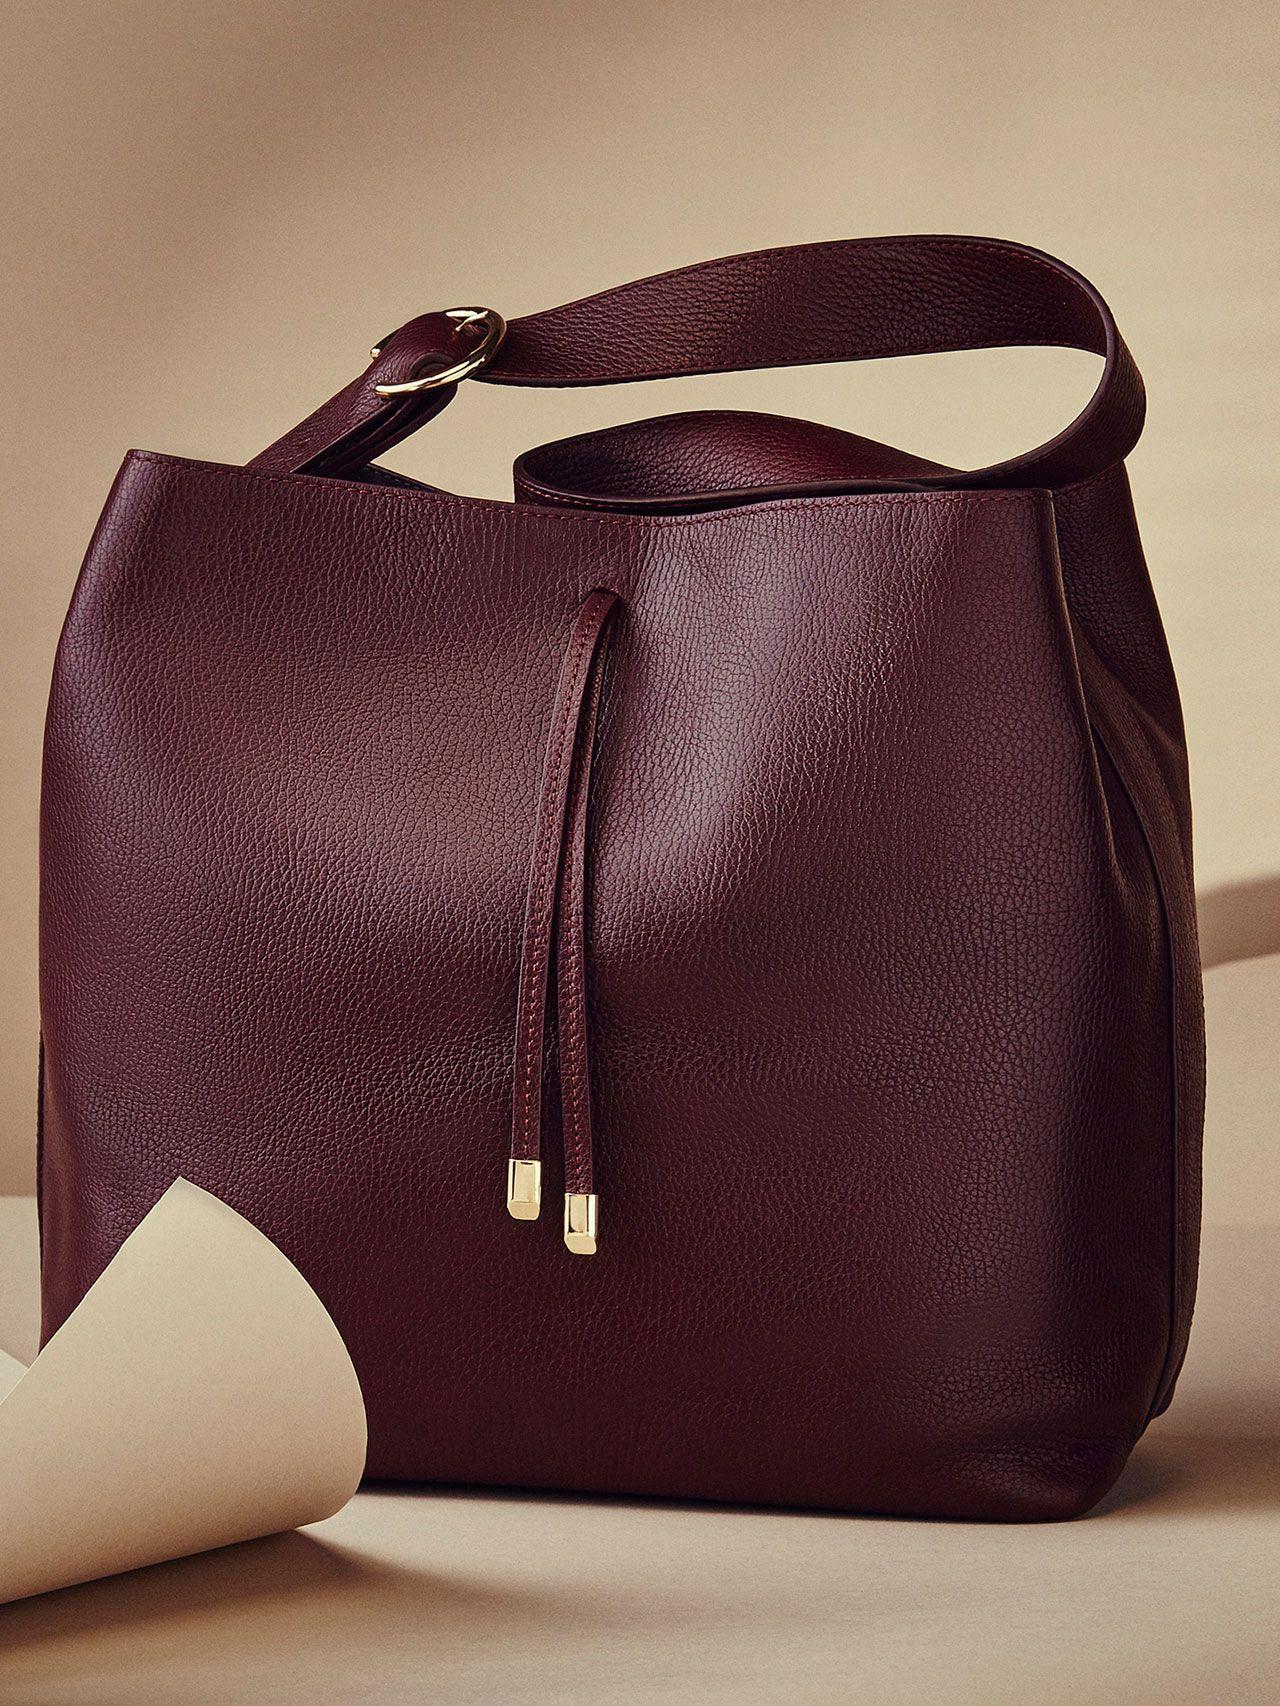 Medium Bag Bolso Mediano Bolso